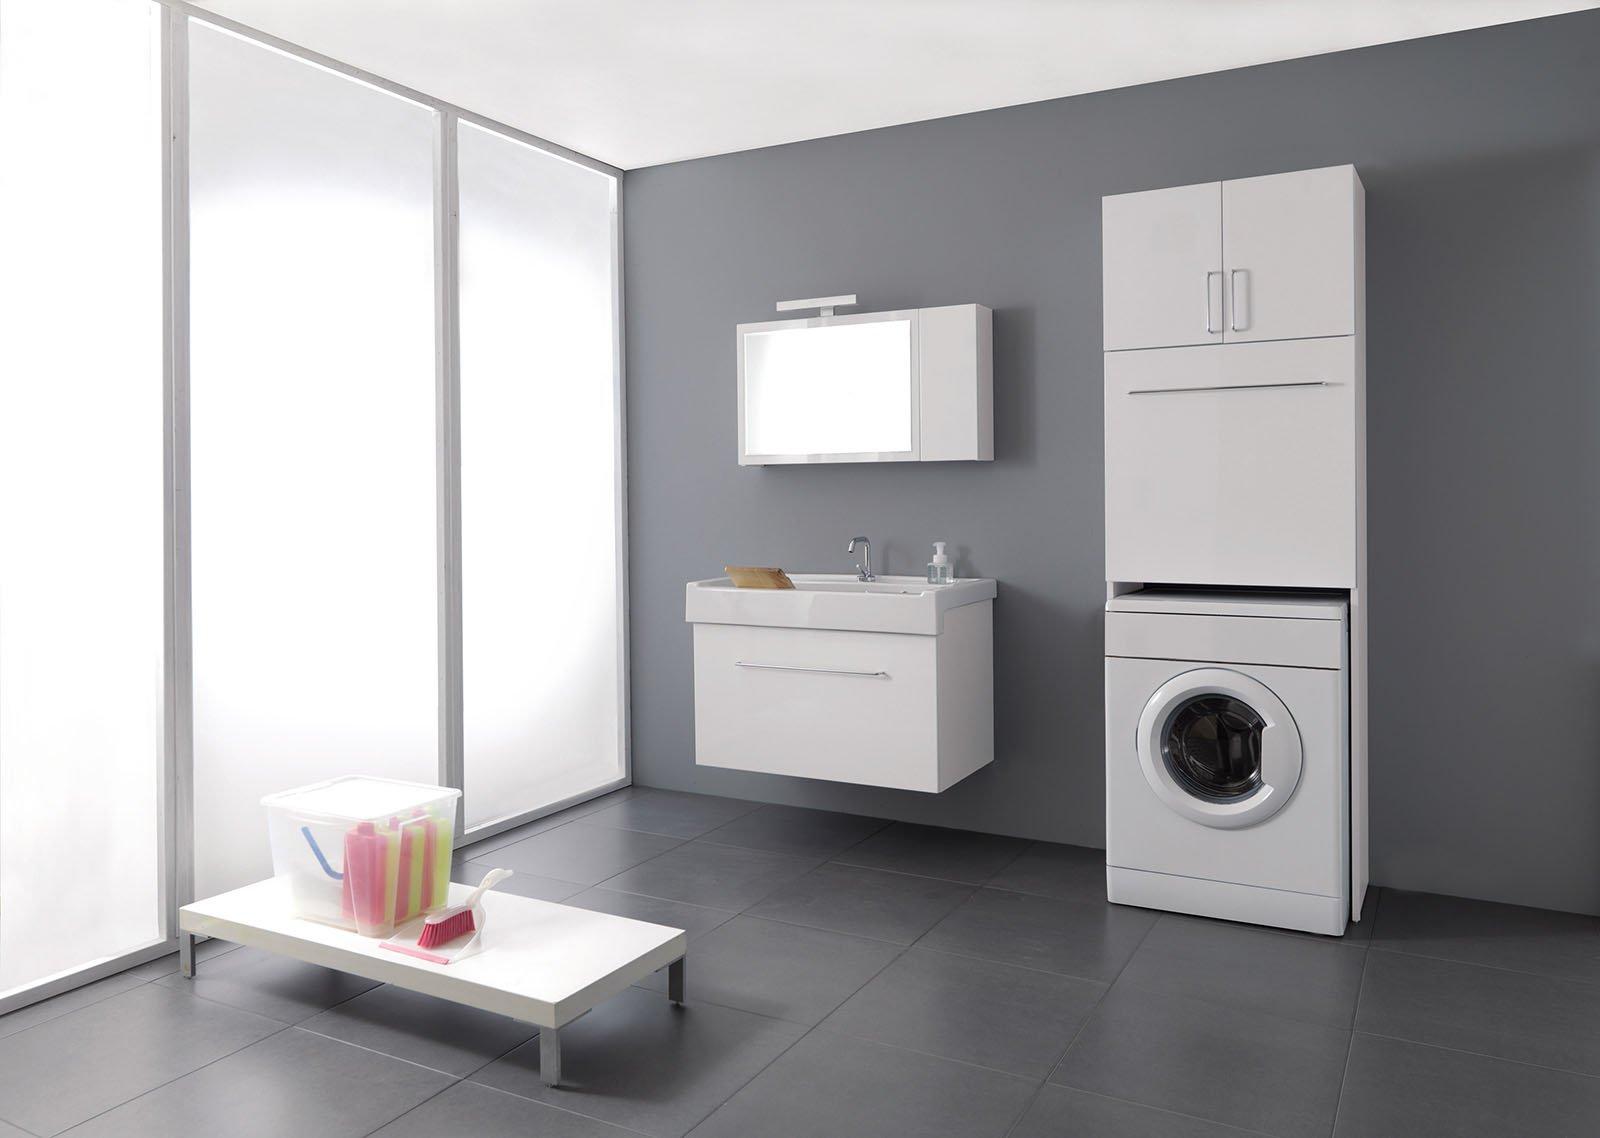 La lavanderia uno spazio per nascondere lavatrice e stendipanni cose di casa - Bagno completo ikea ...